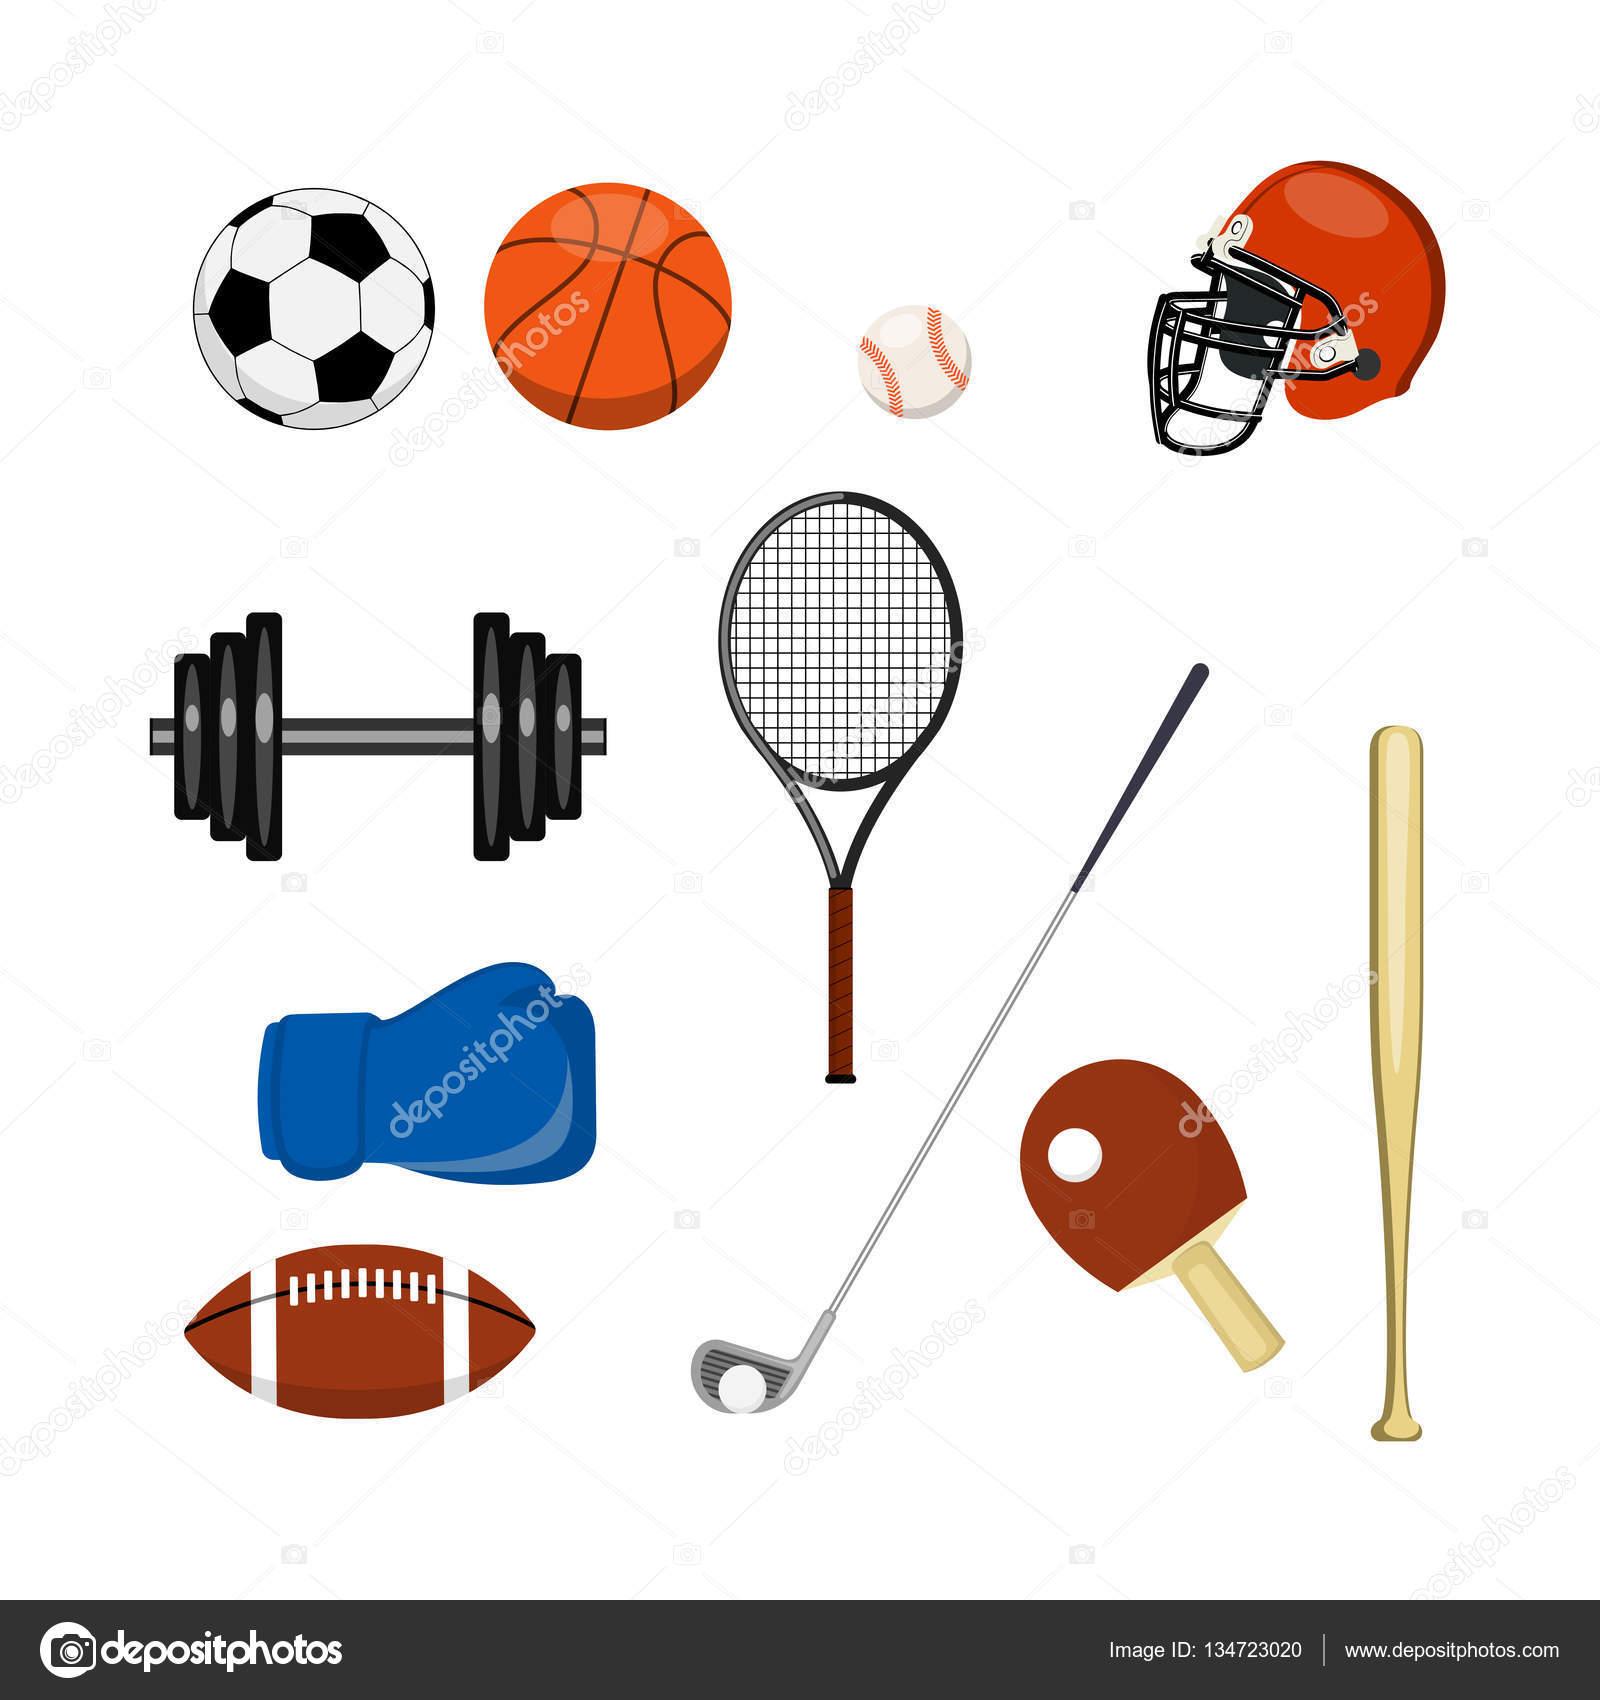 En la imagen que presentó el equipo de deportes de diferentes tipos de  deporte un conjunto de un icono - imágenes  material deportivo — Vector de  matc ... cb416ae5ac3e7